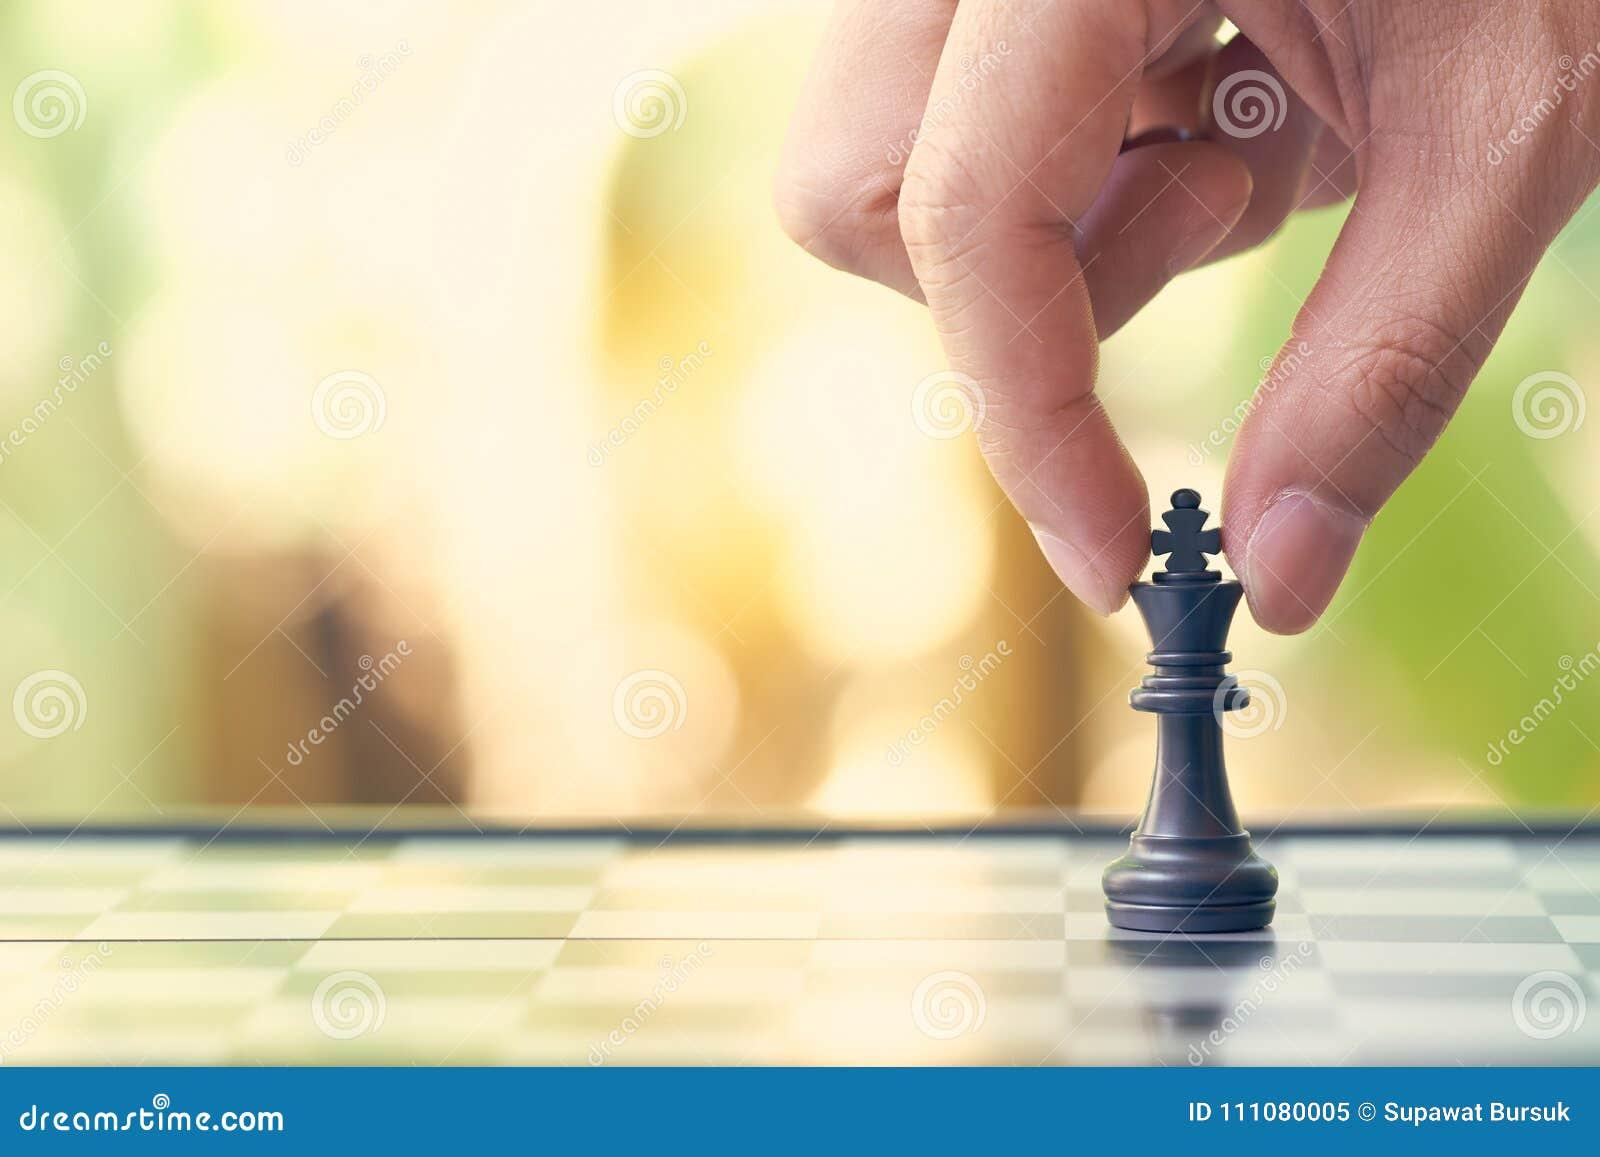 Ο επιχειρηματίας που κρατά ένα σκάκι βασιλιάδων τοποθετείται σε μια σκακιέρα χρησιμοποίηση ως επιχειρησιακή έννοια υποβάθρου και